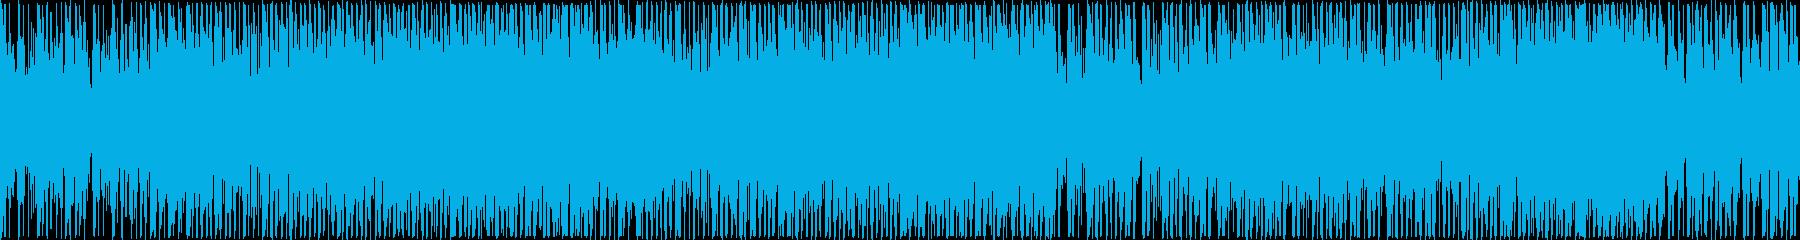 和風/不気味・不穏な妖怪バトル//M11の再生済みの波形